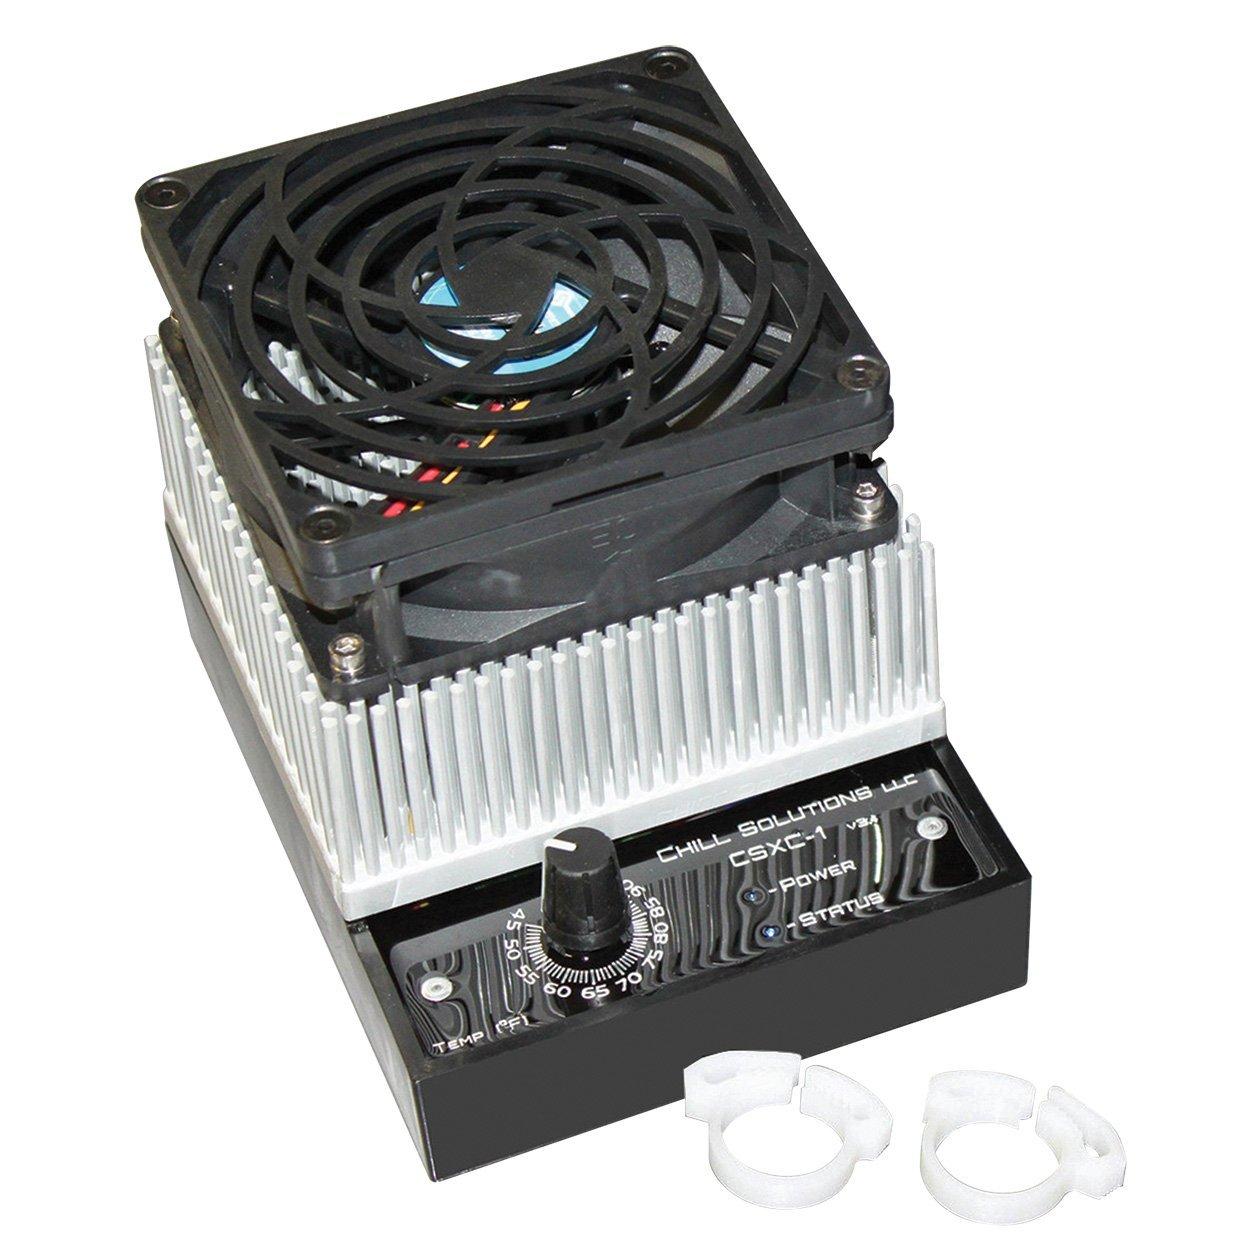 Chill Solutions Thermoelectric Aquarium Chiller - CSXC-1 - Aquarium  Supplies - Chillers